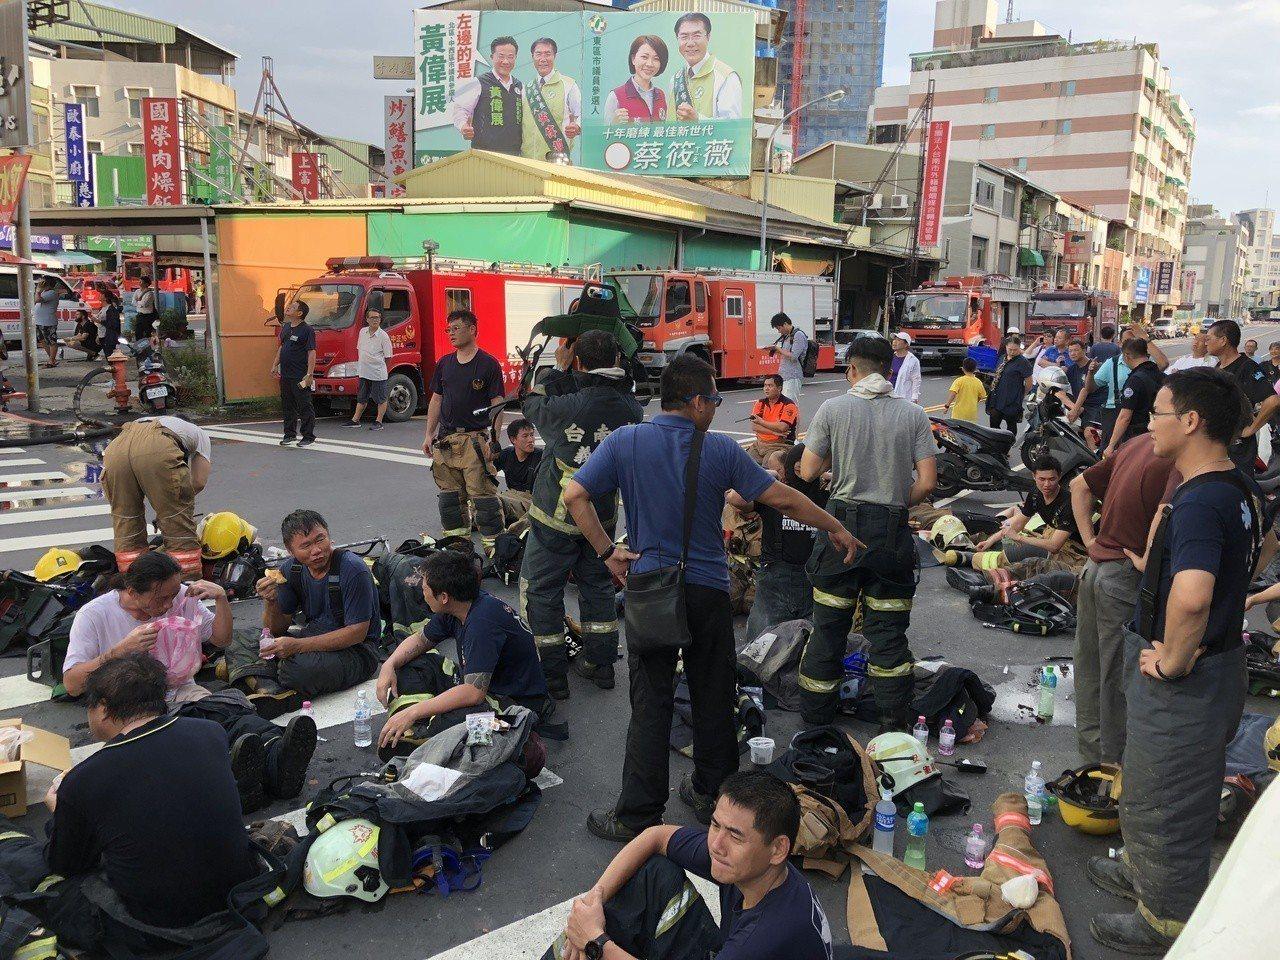 消防局出動大批消防人員輪番上陣滅火,只能趁空檔席地休息,民眾見狀直呼「辛苦了」。...